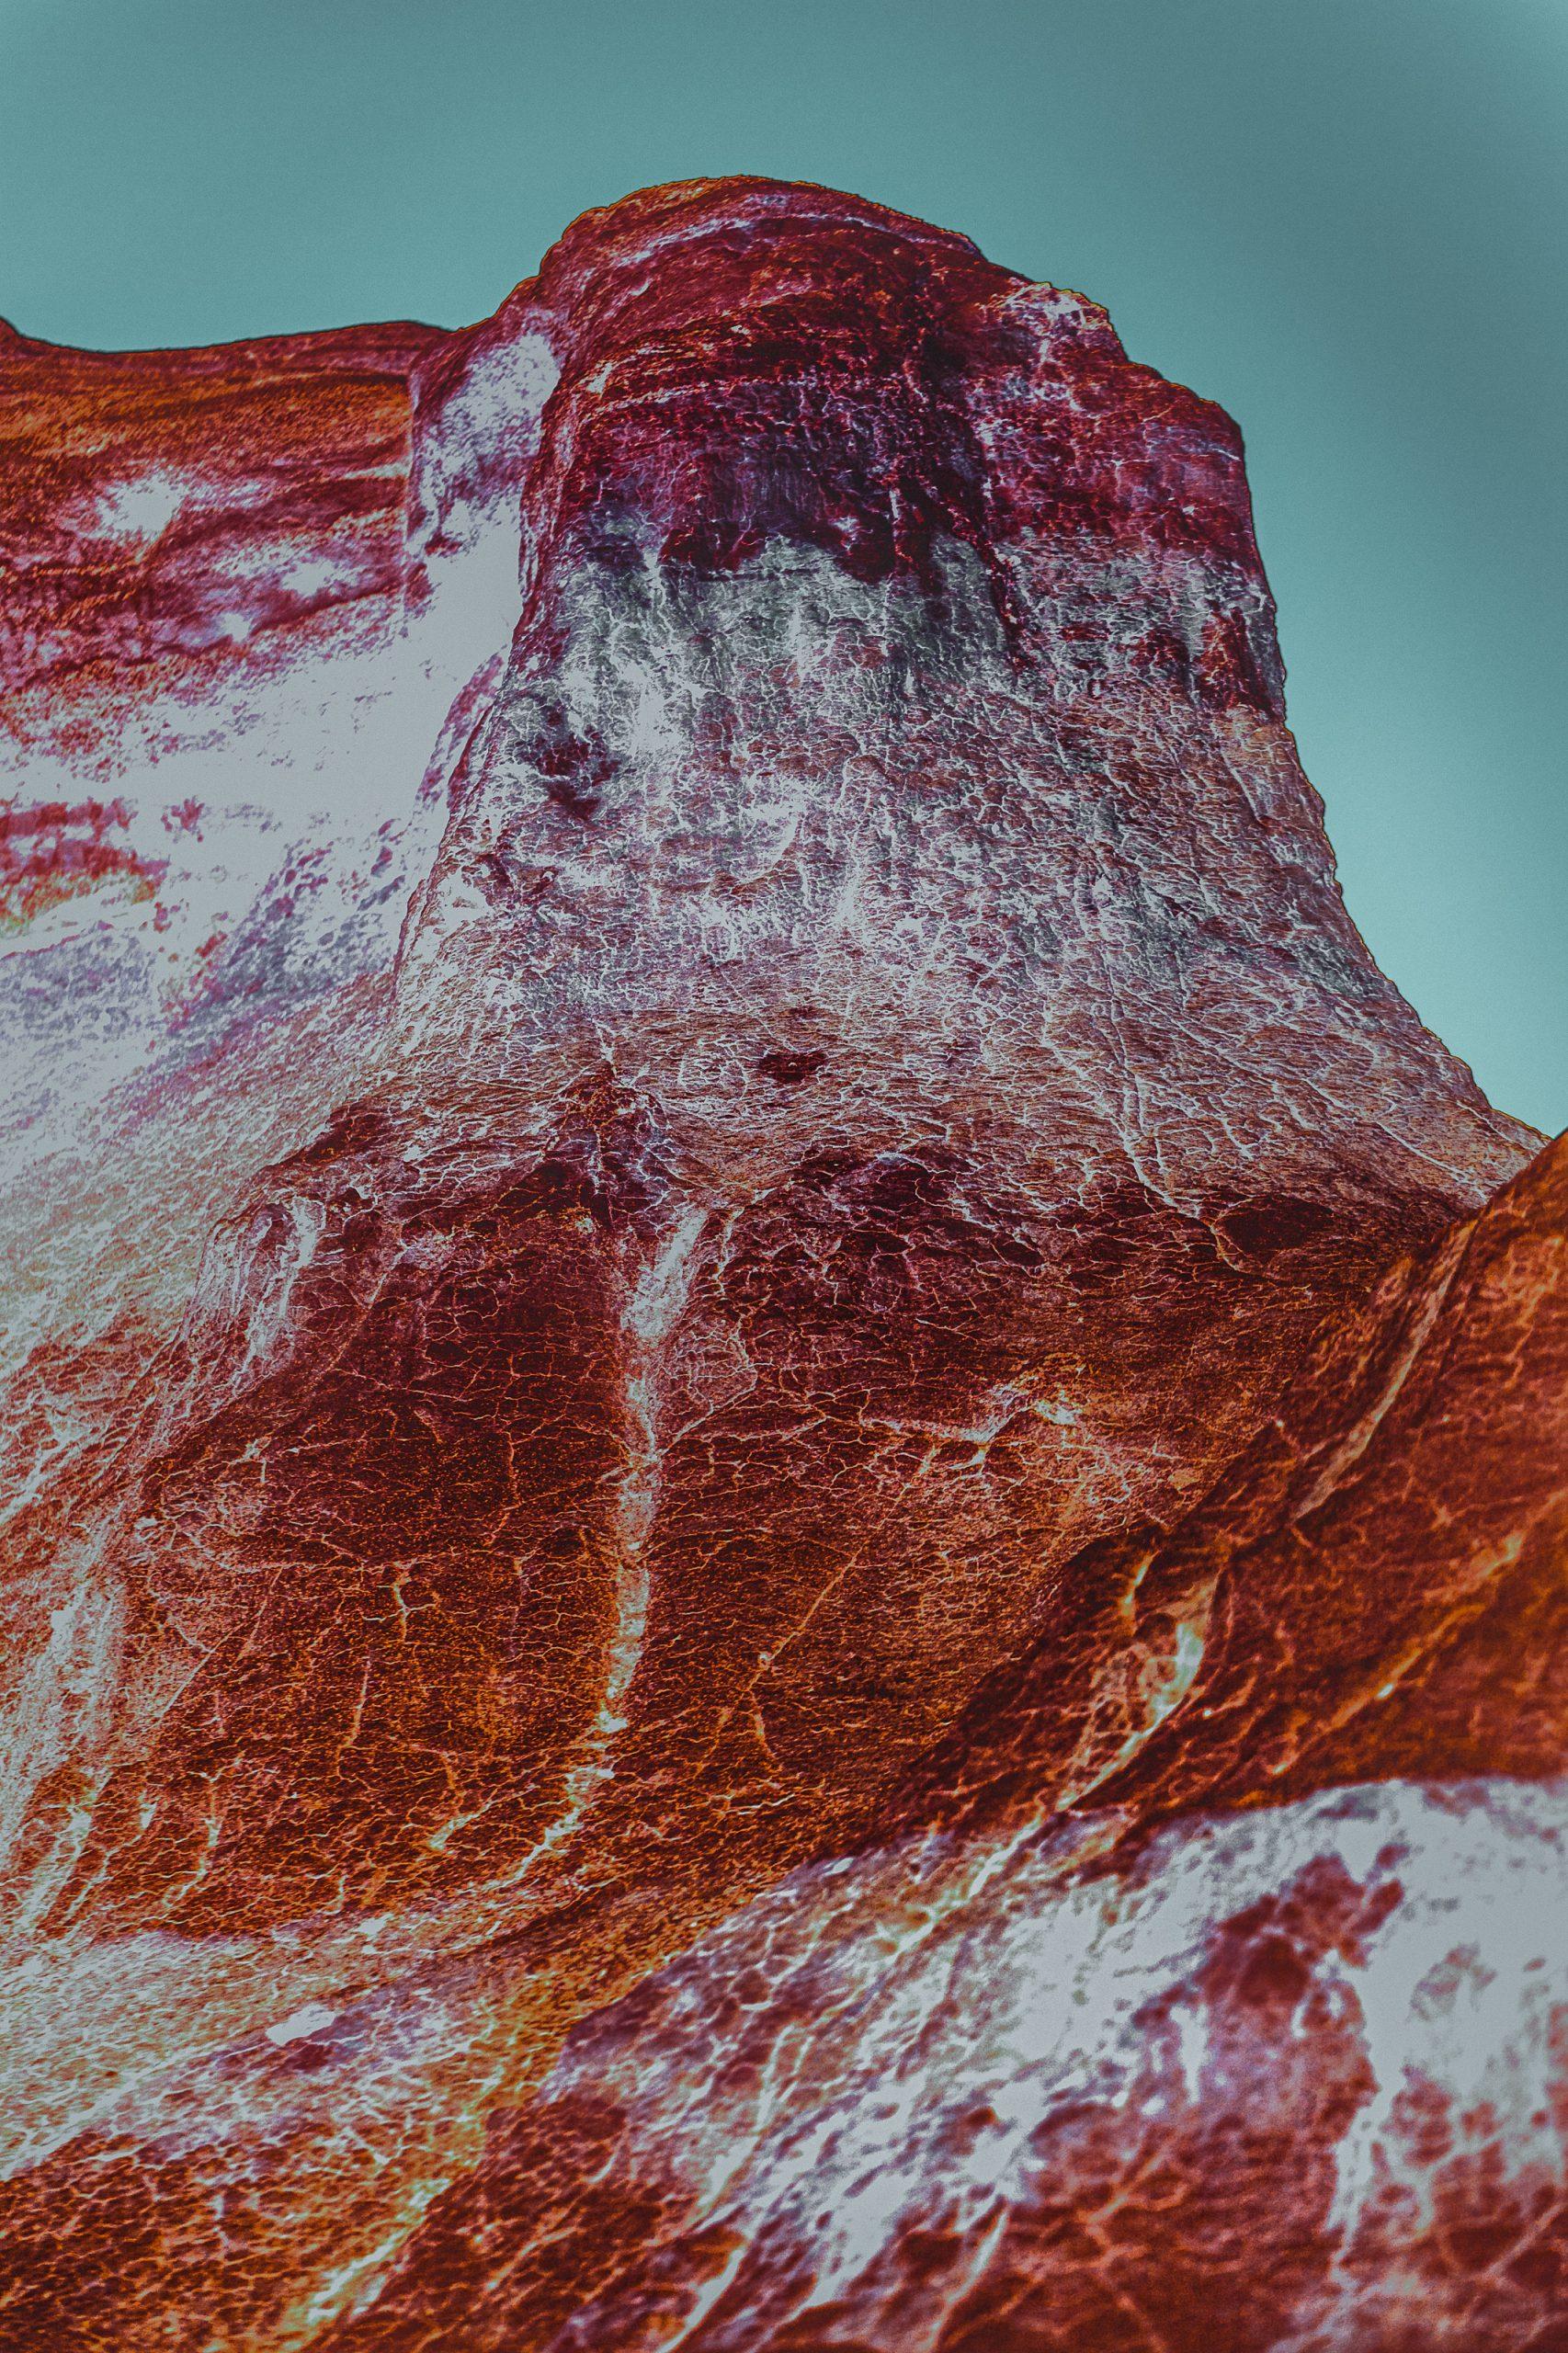 美国科罗拉多斯普林斯的油漆矿山的彩色风景照片